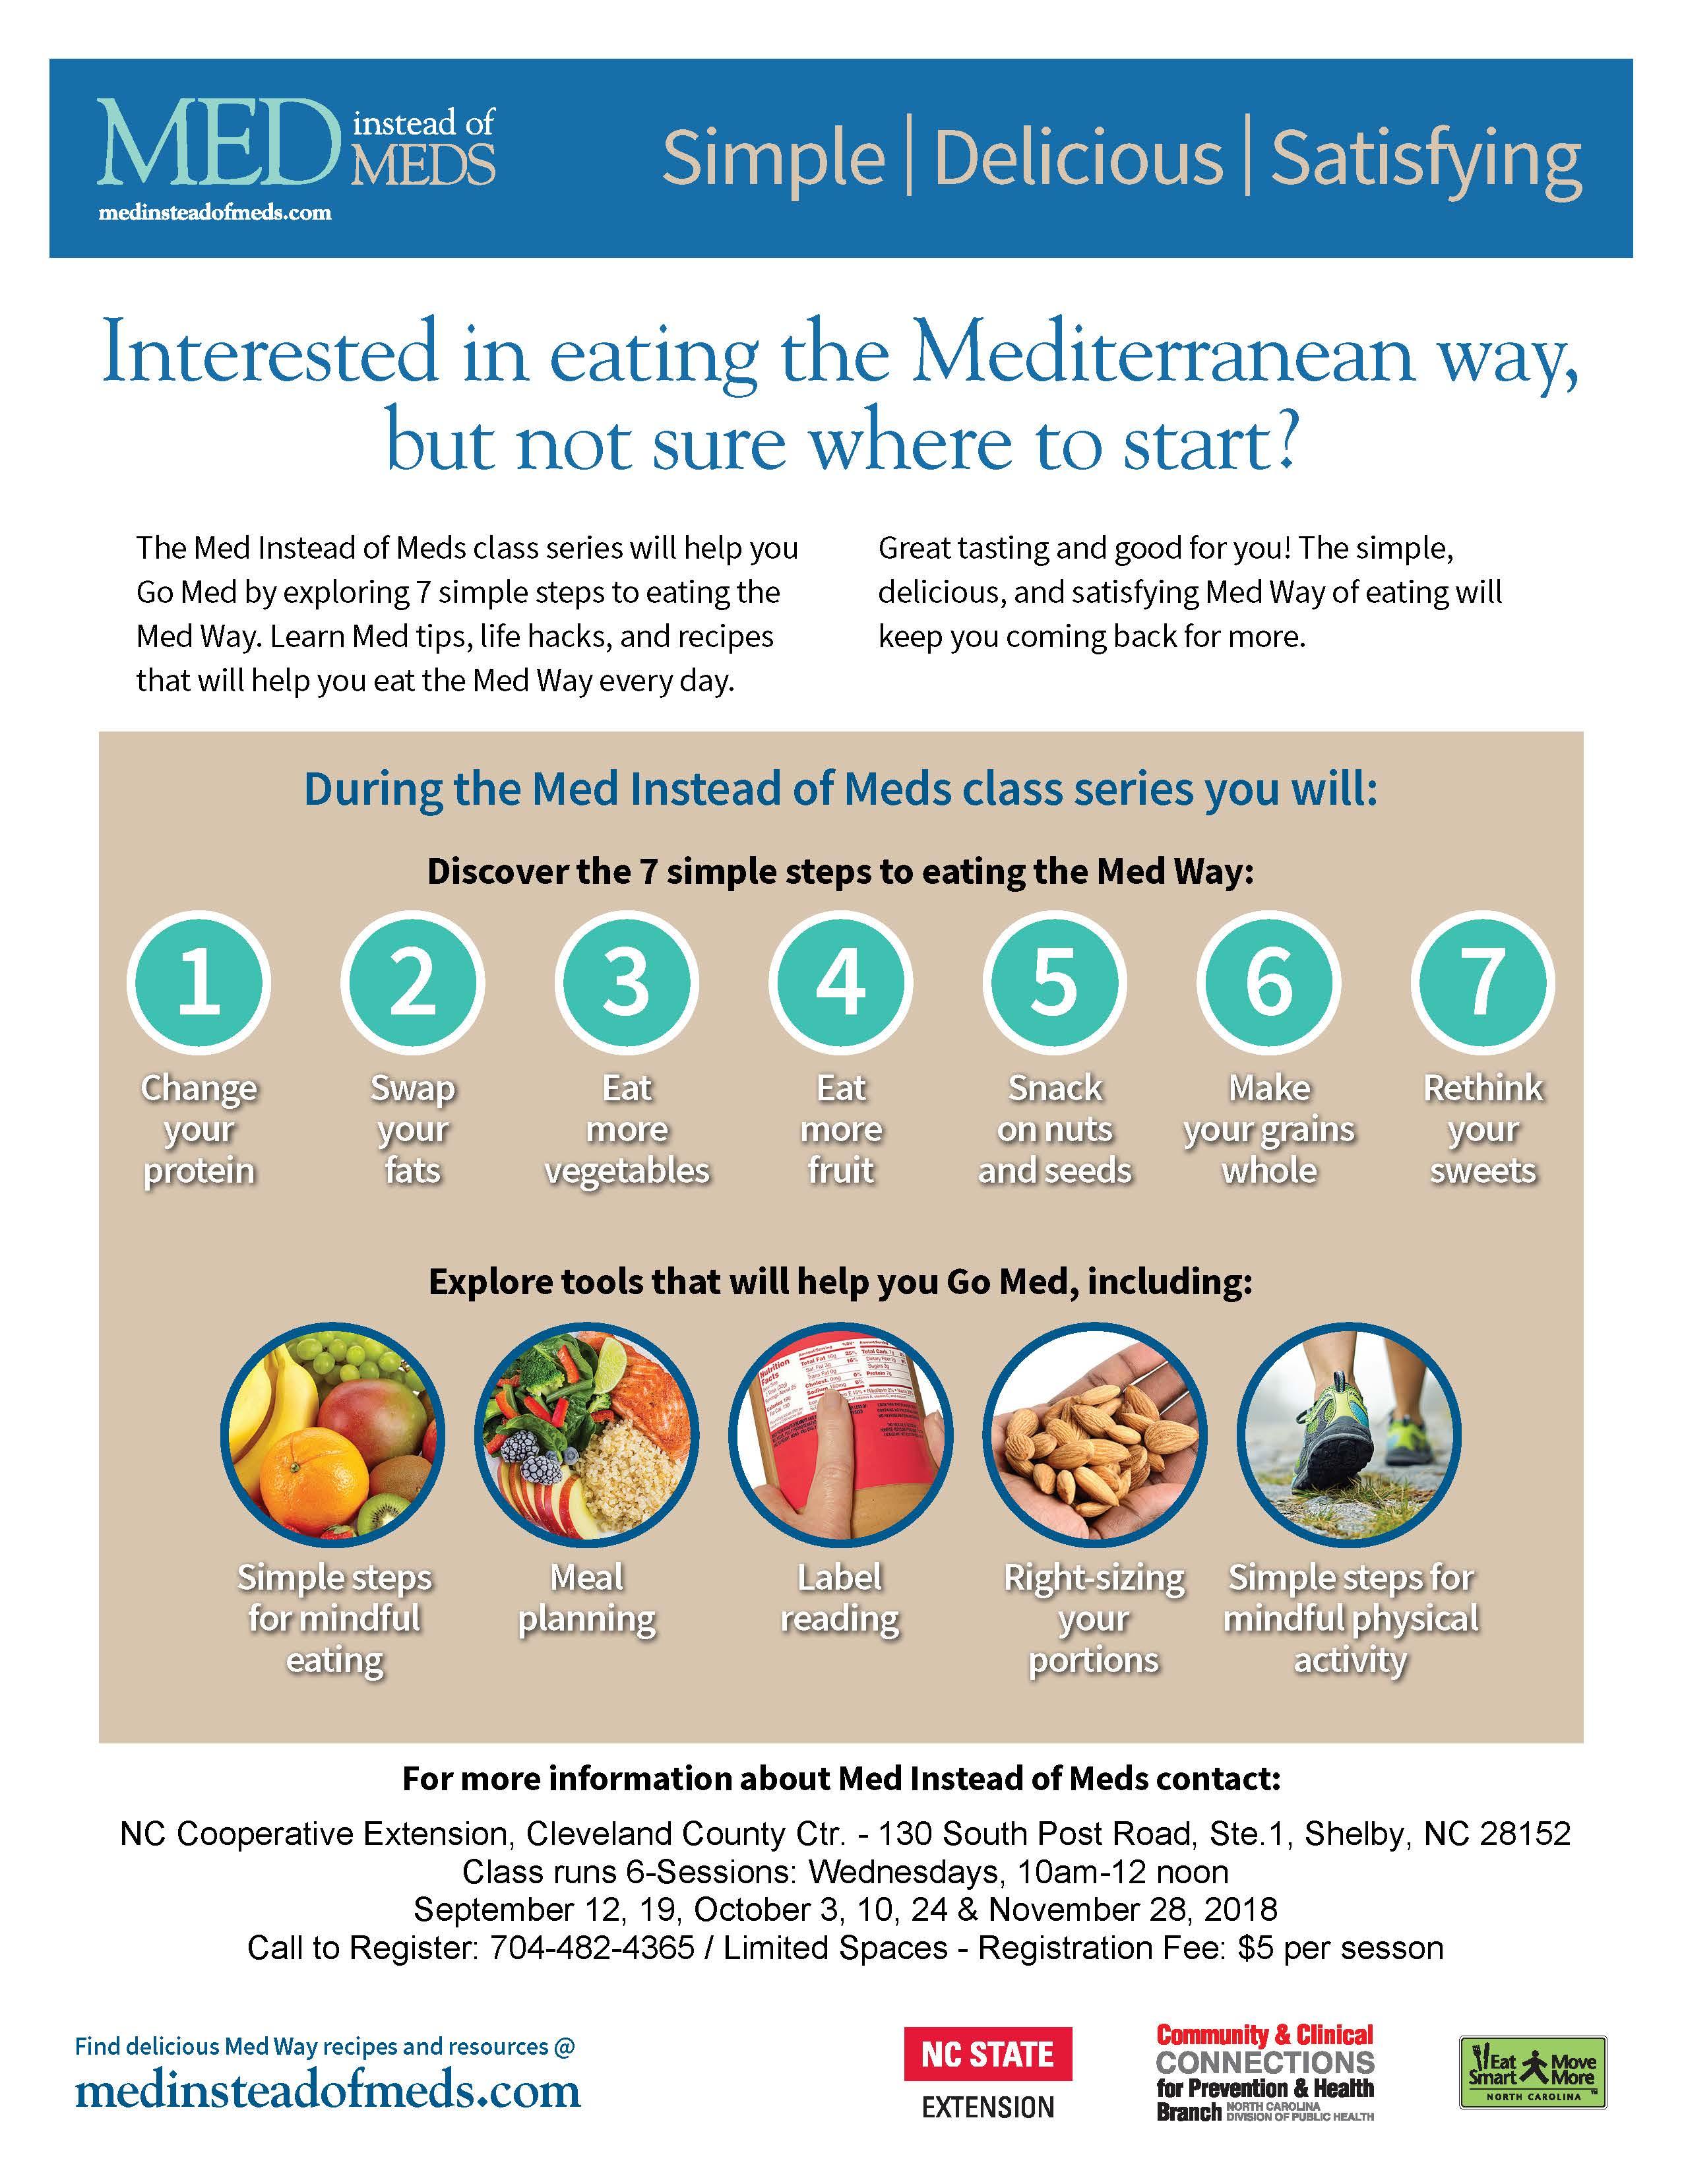 Med Instead of Meds flyer image